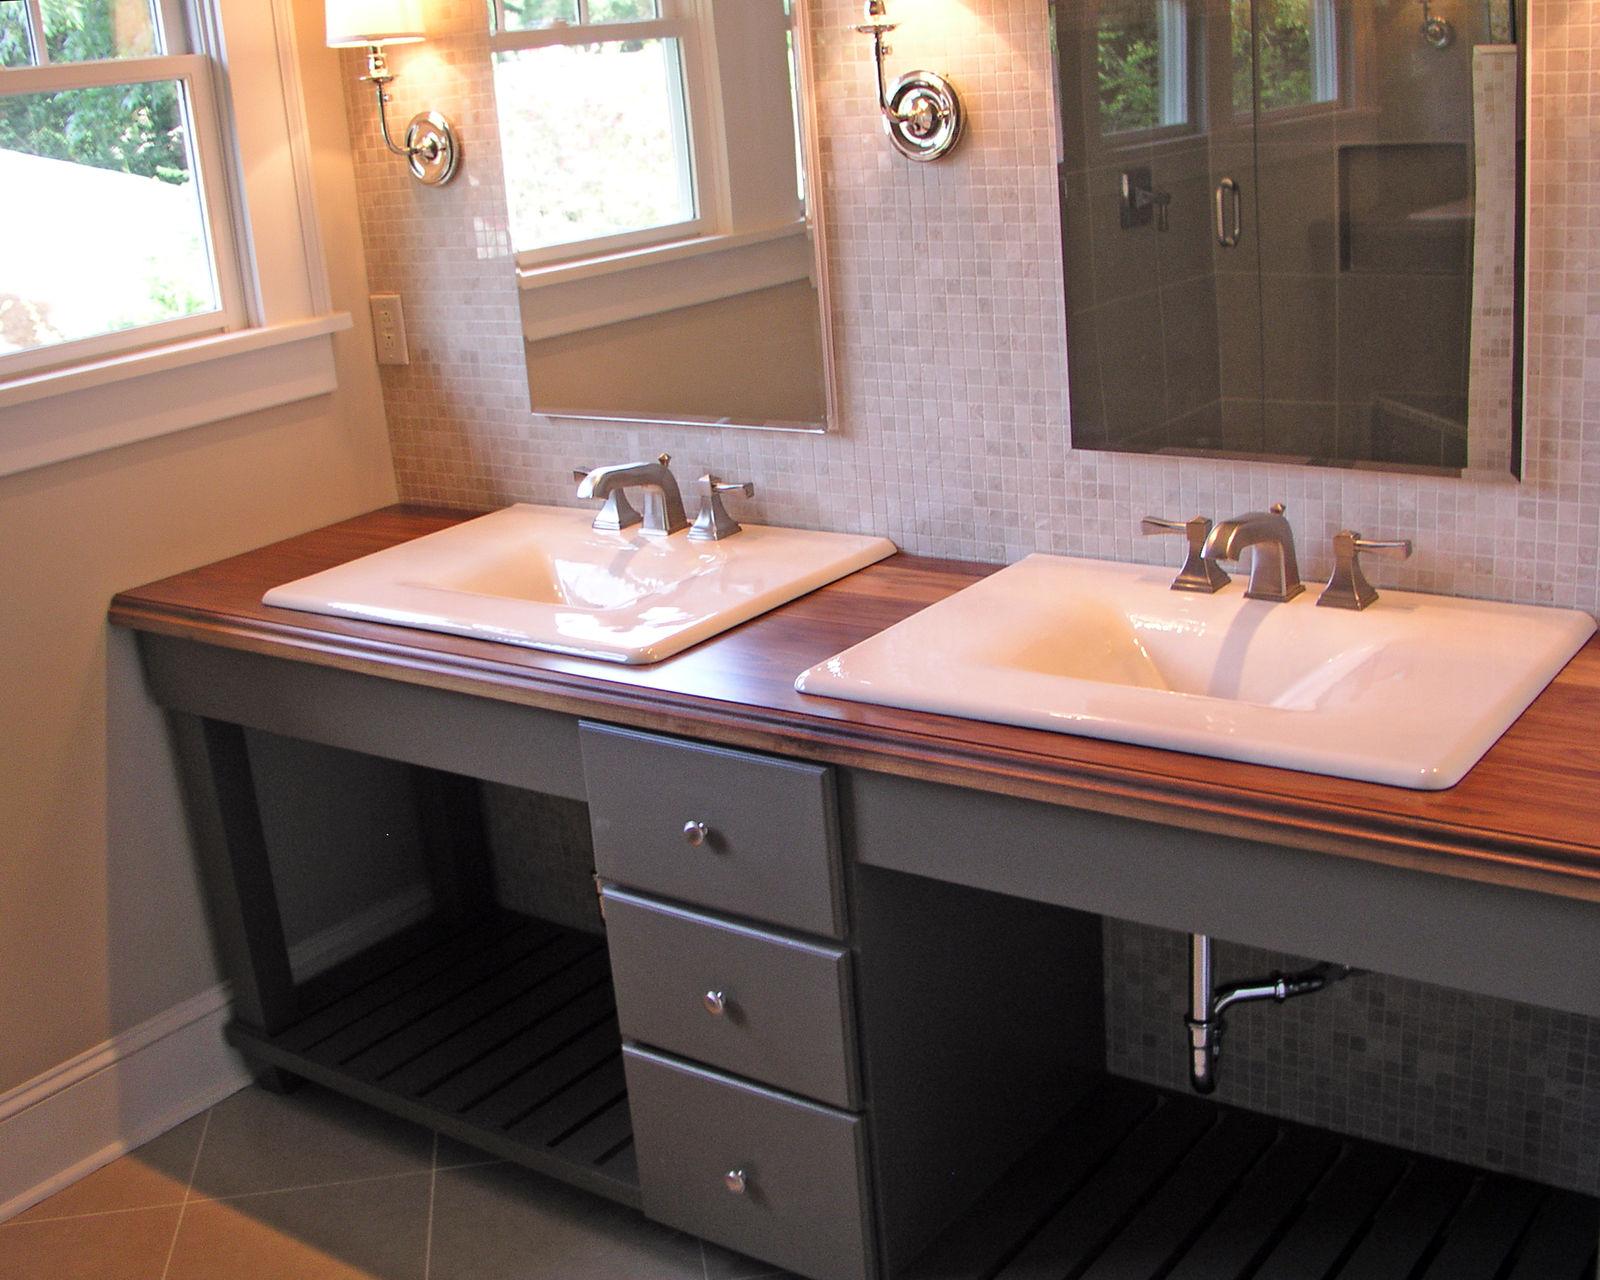 Специально для большой семьи в ванной можно установить две раковины